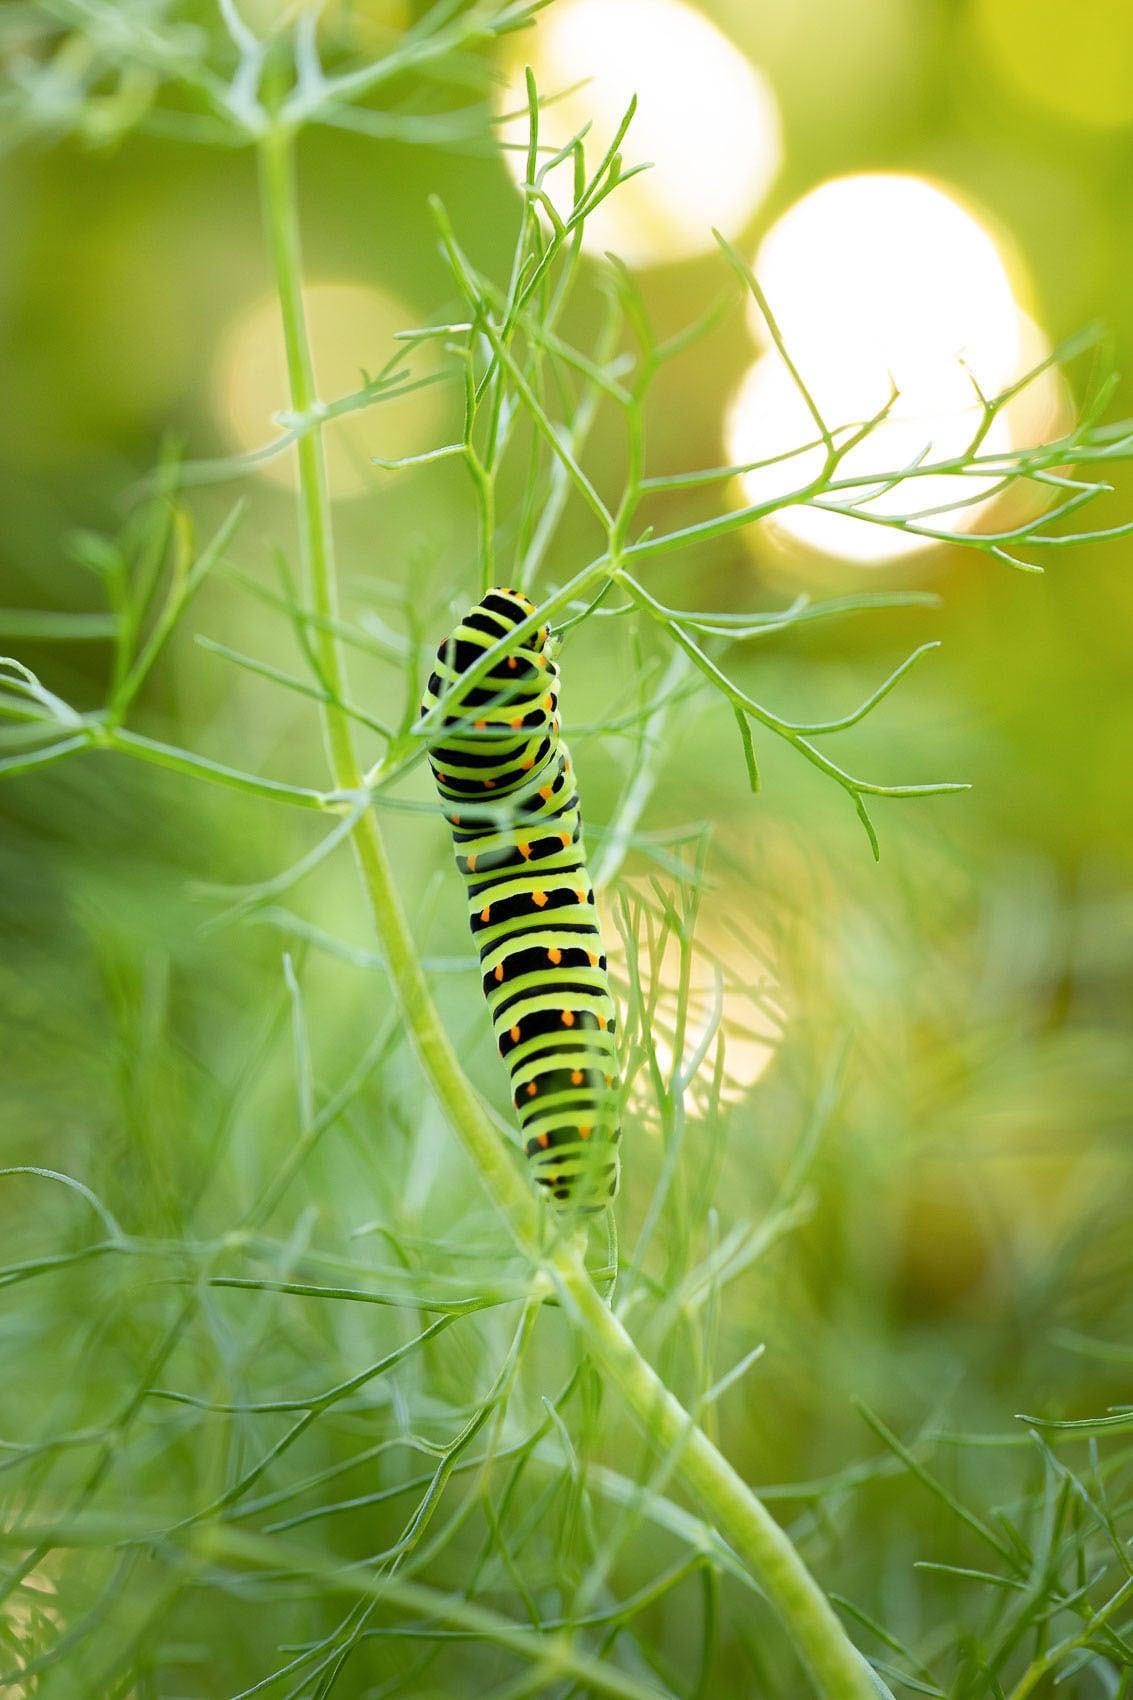 Schwalbenschwanz-Raupe auf einer Fenchelpflanze